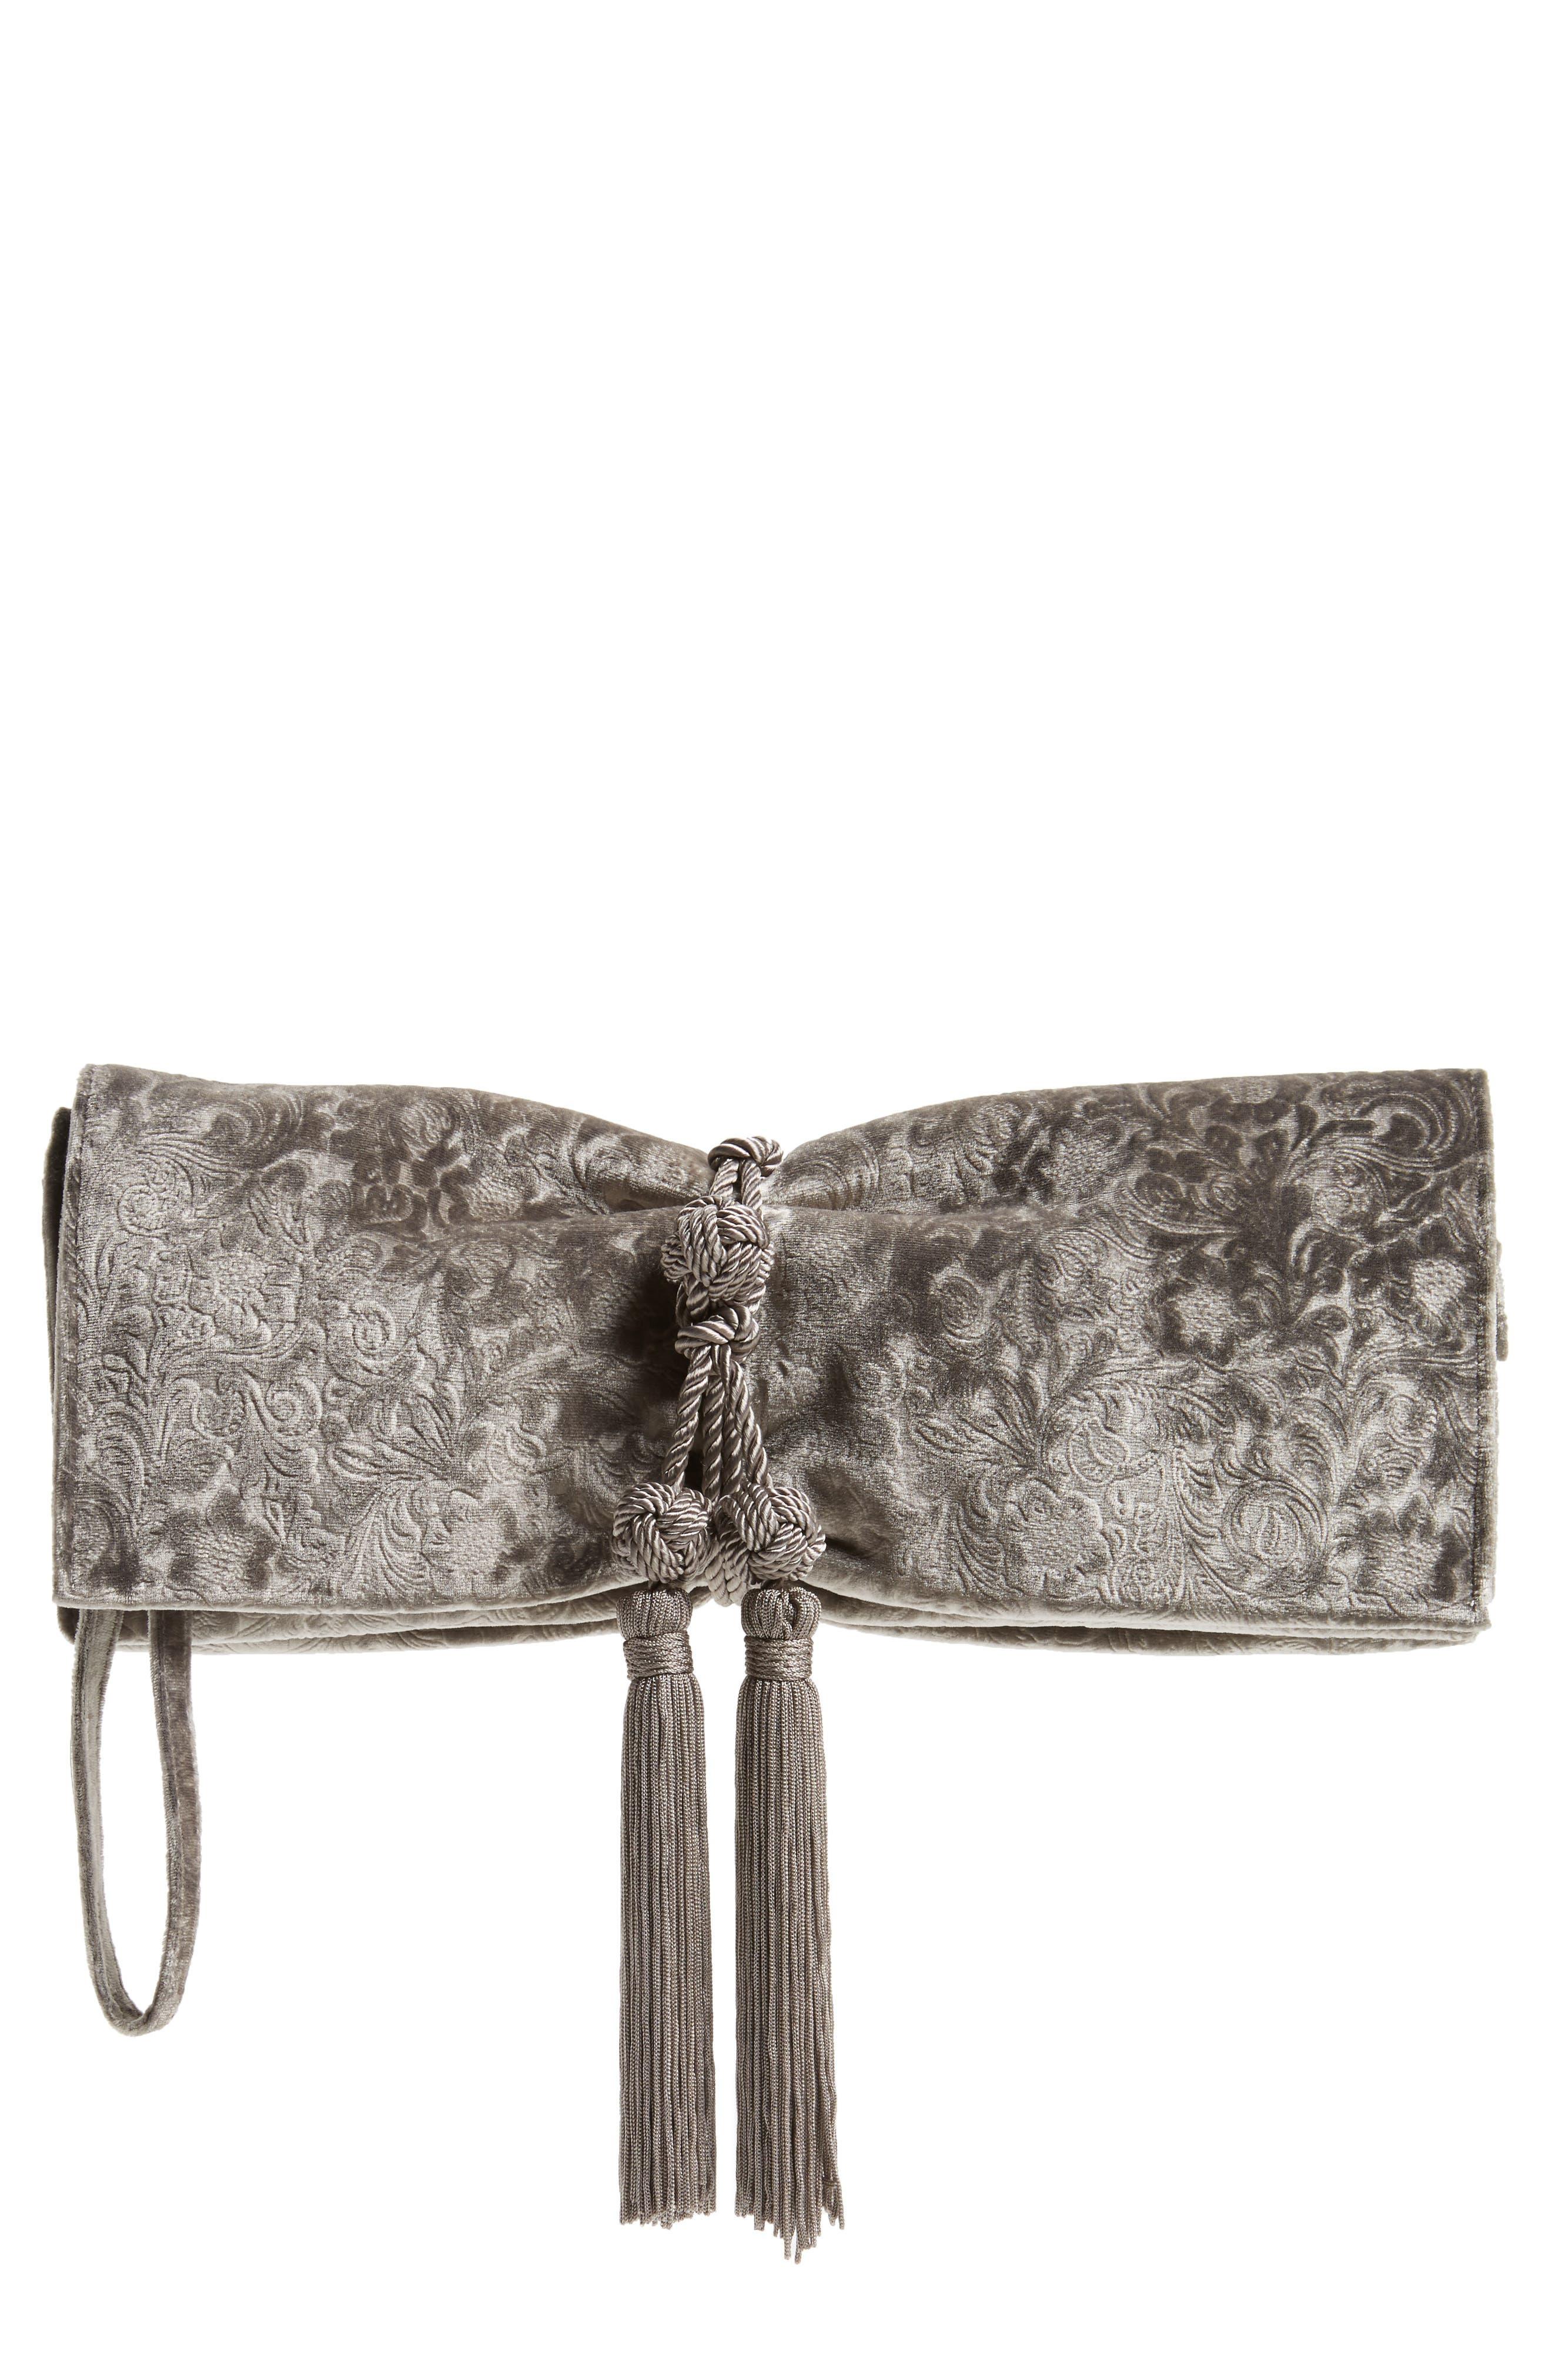 Badgley Mischka Carbon Velvet Clutch